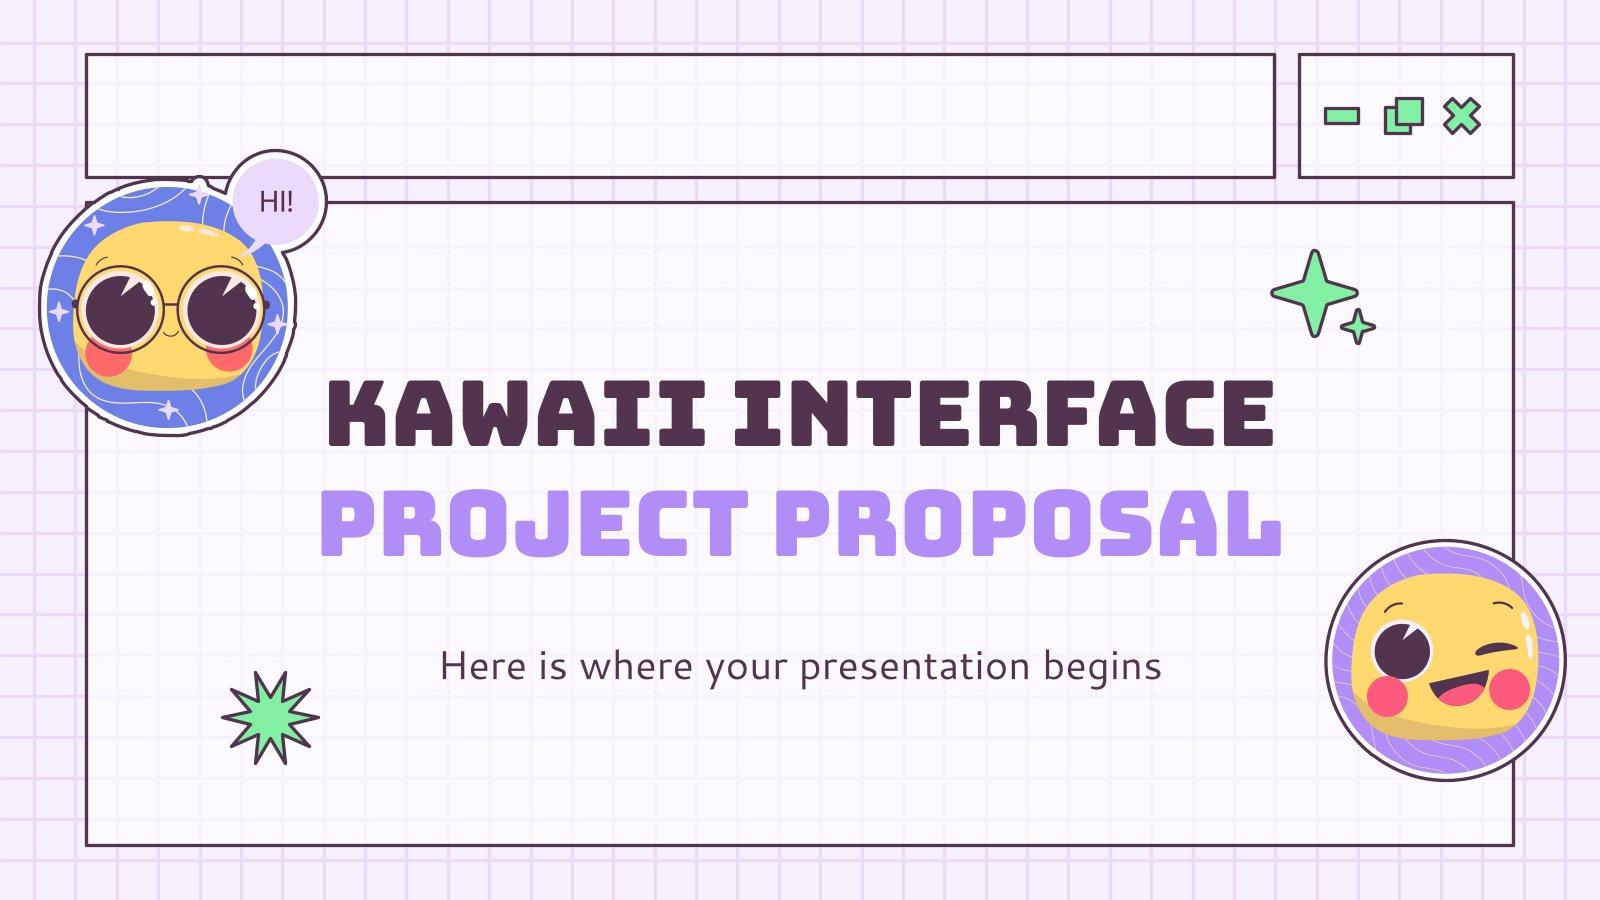 Plantilla de presentación Propuesta de proyecto de interfaz kawaii